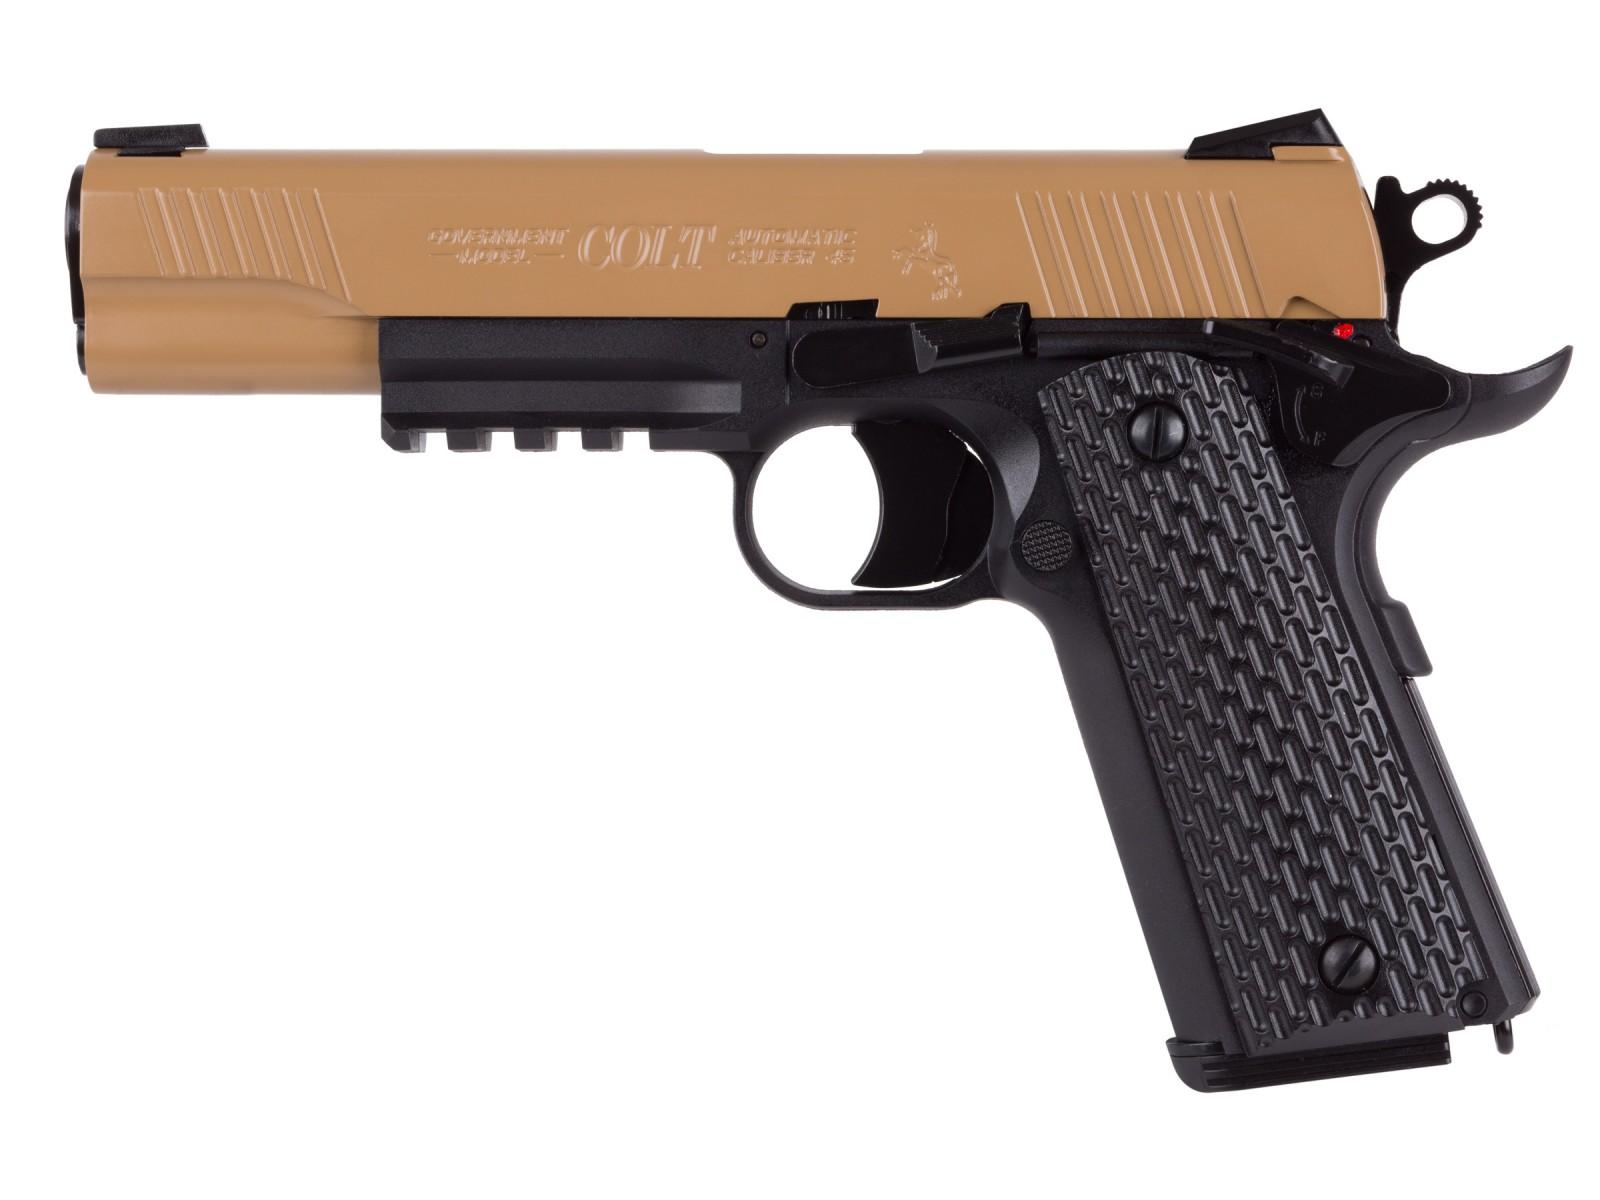 Colt M45 CQBP CO2 Pistol 0.177